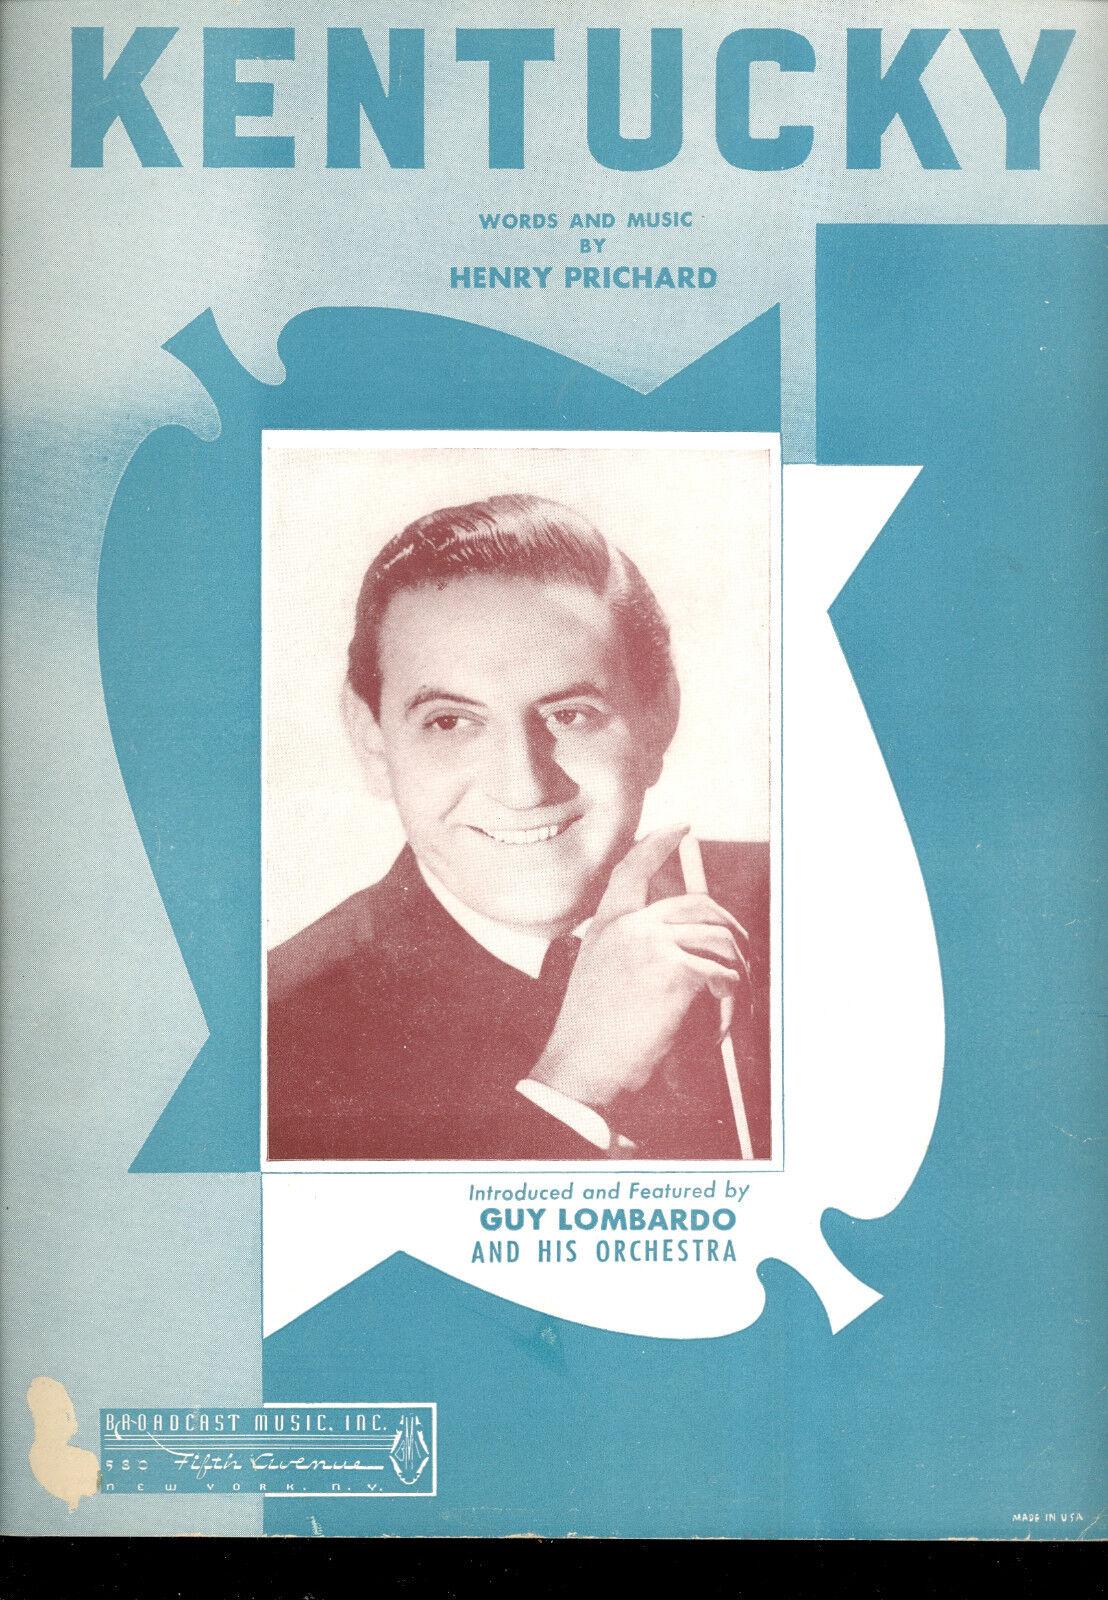 Guy Lombardo partituras partituras partituras  Kentucky   solo para ti